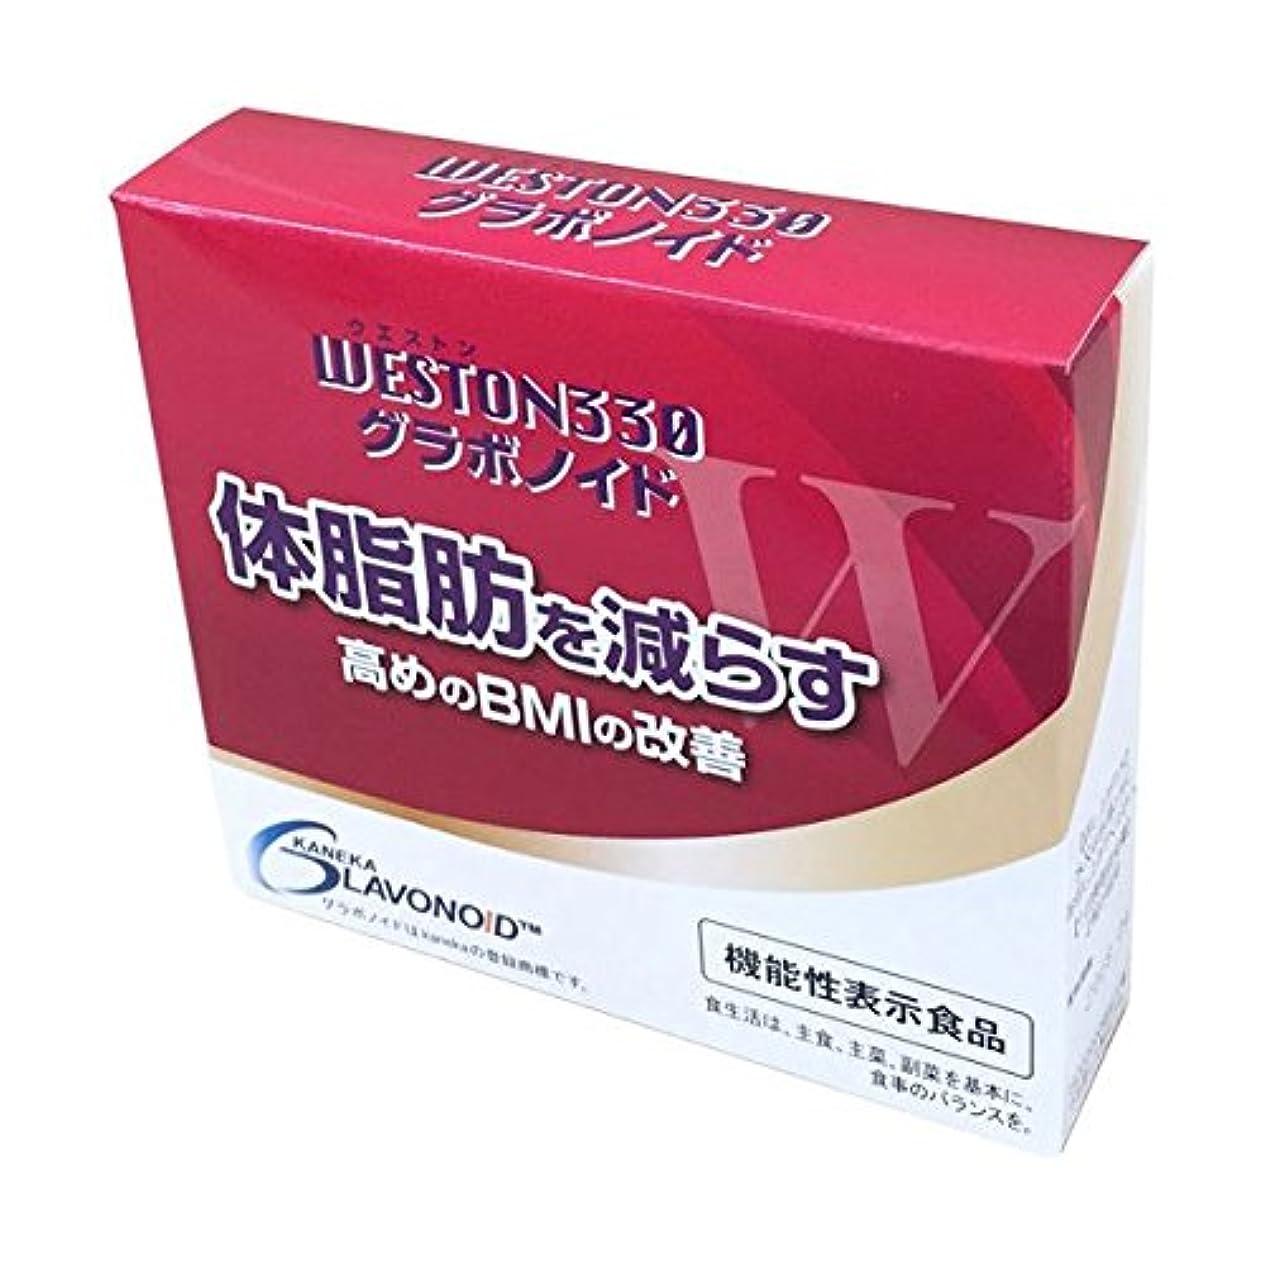 測定可能リベラル足首リマックスジャパン WESTON330 60粒 (30日分) x2箱 [機能性表示食品]